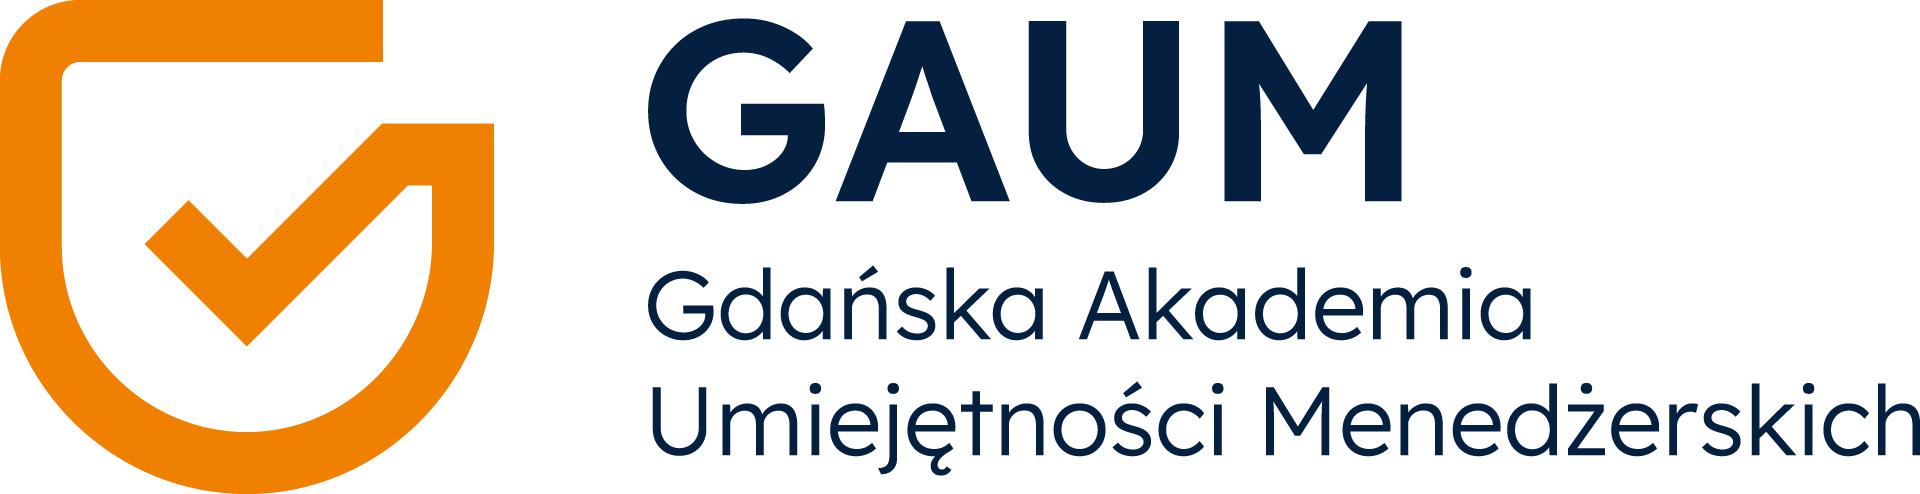 Logo Gdańska Akademia Umiejętności Menedżerskich Joseph Wera